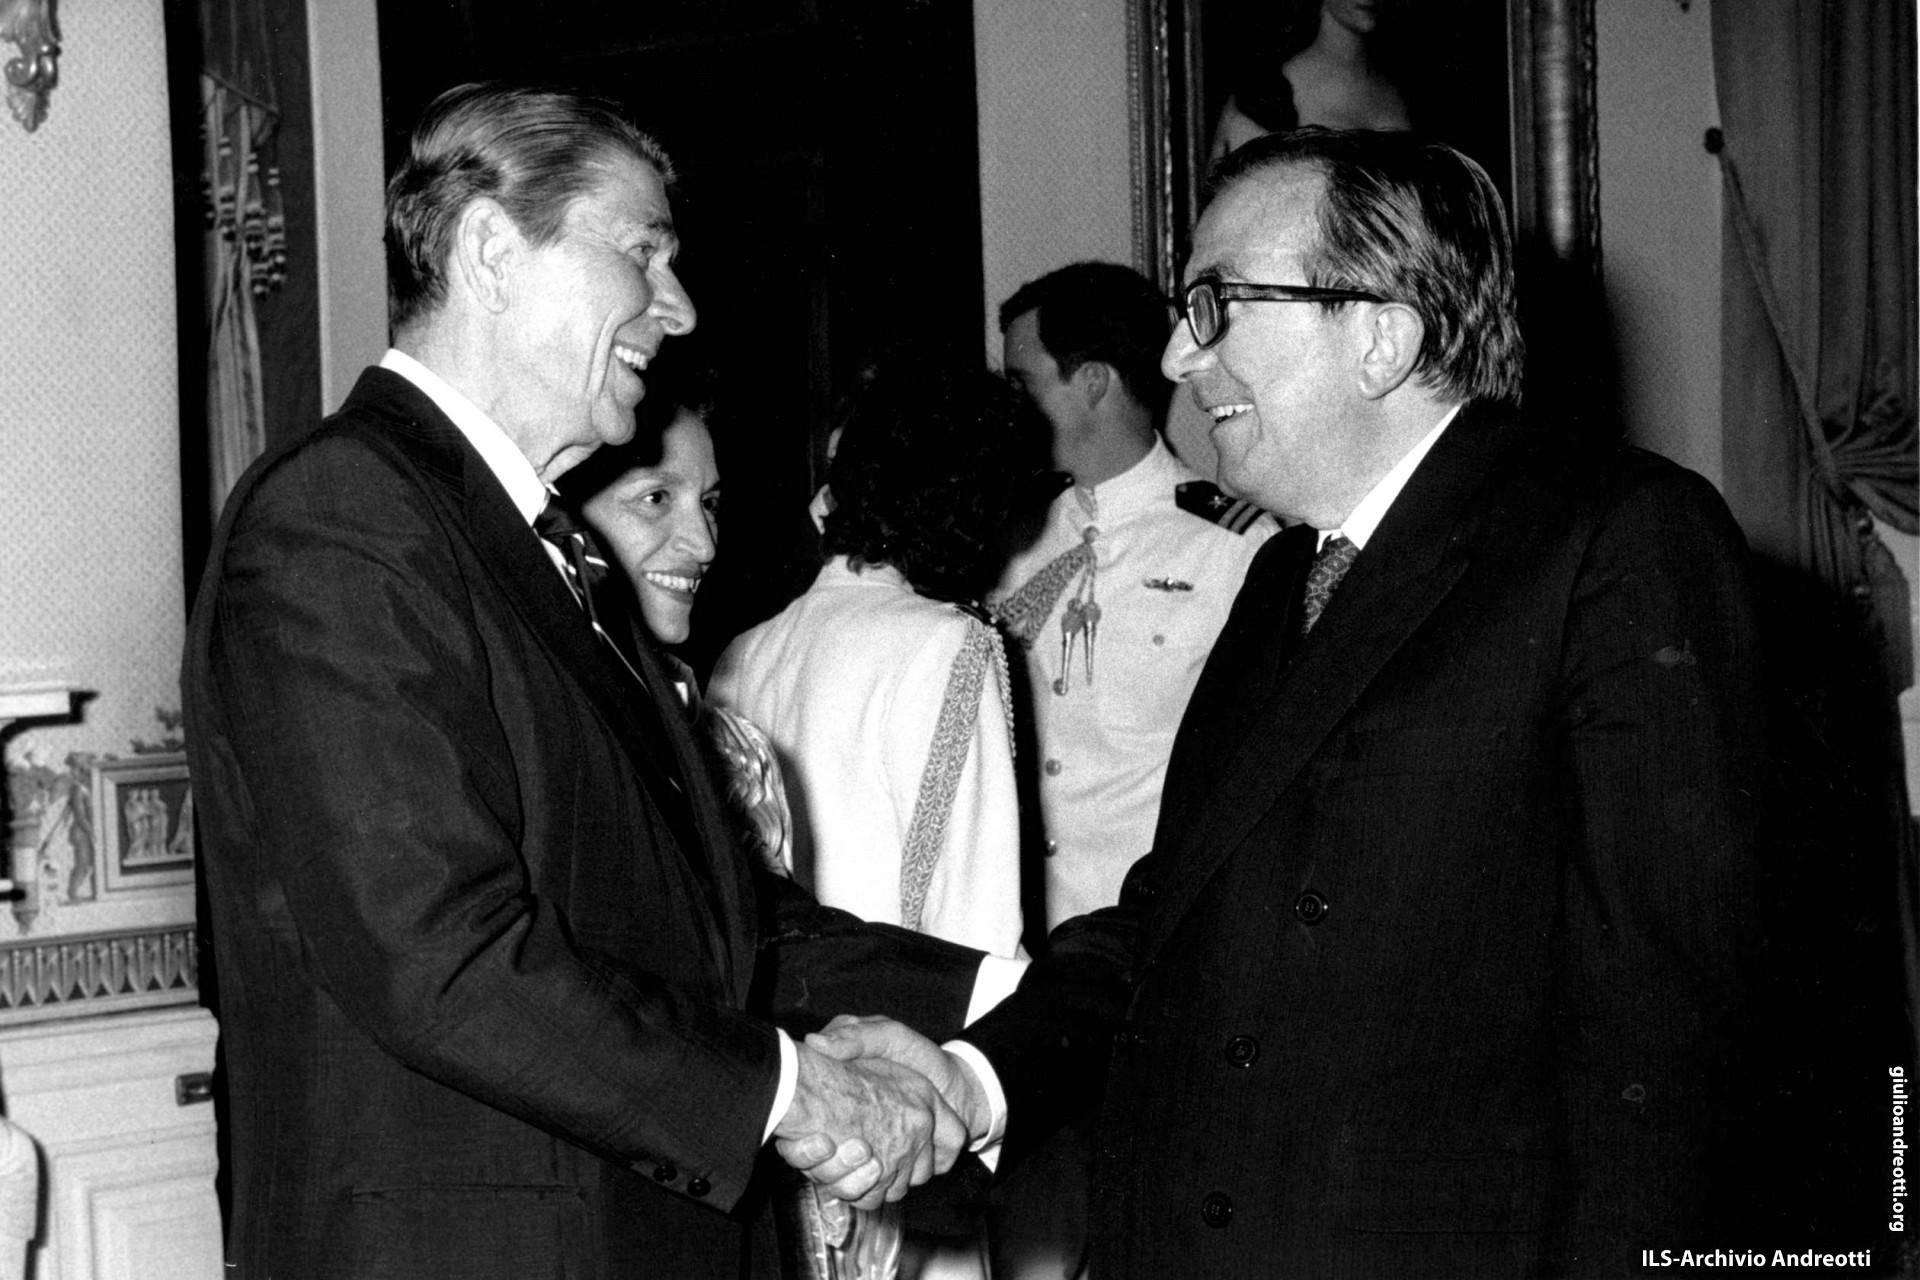 Aprile 1984. Incontro con Reagan in occasione del Consiglio atlantico di Washington